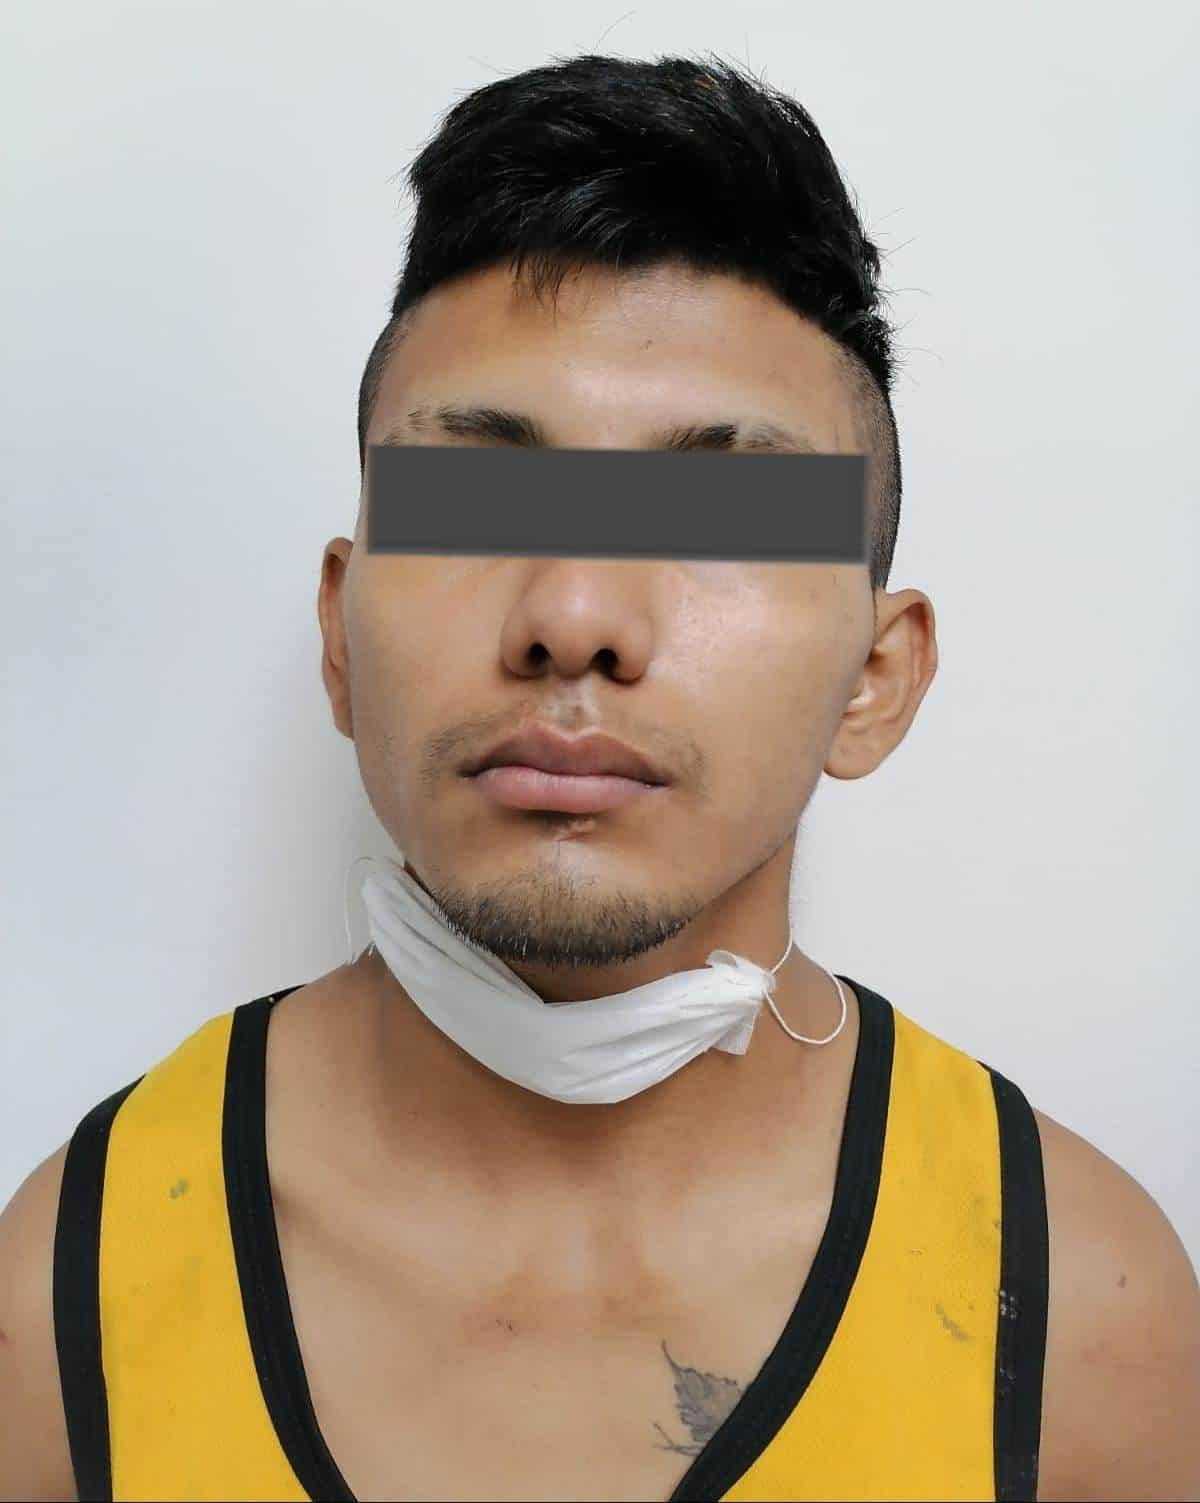 Detienen a uno de los involucrados en el secuestro y decapitación de un joven